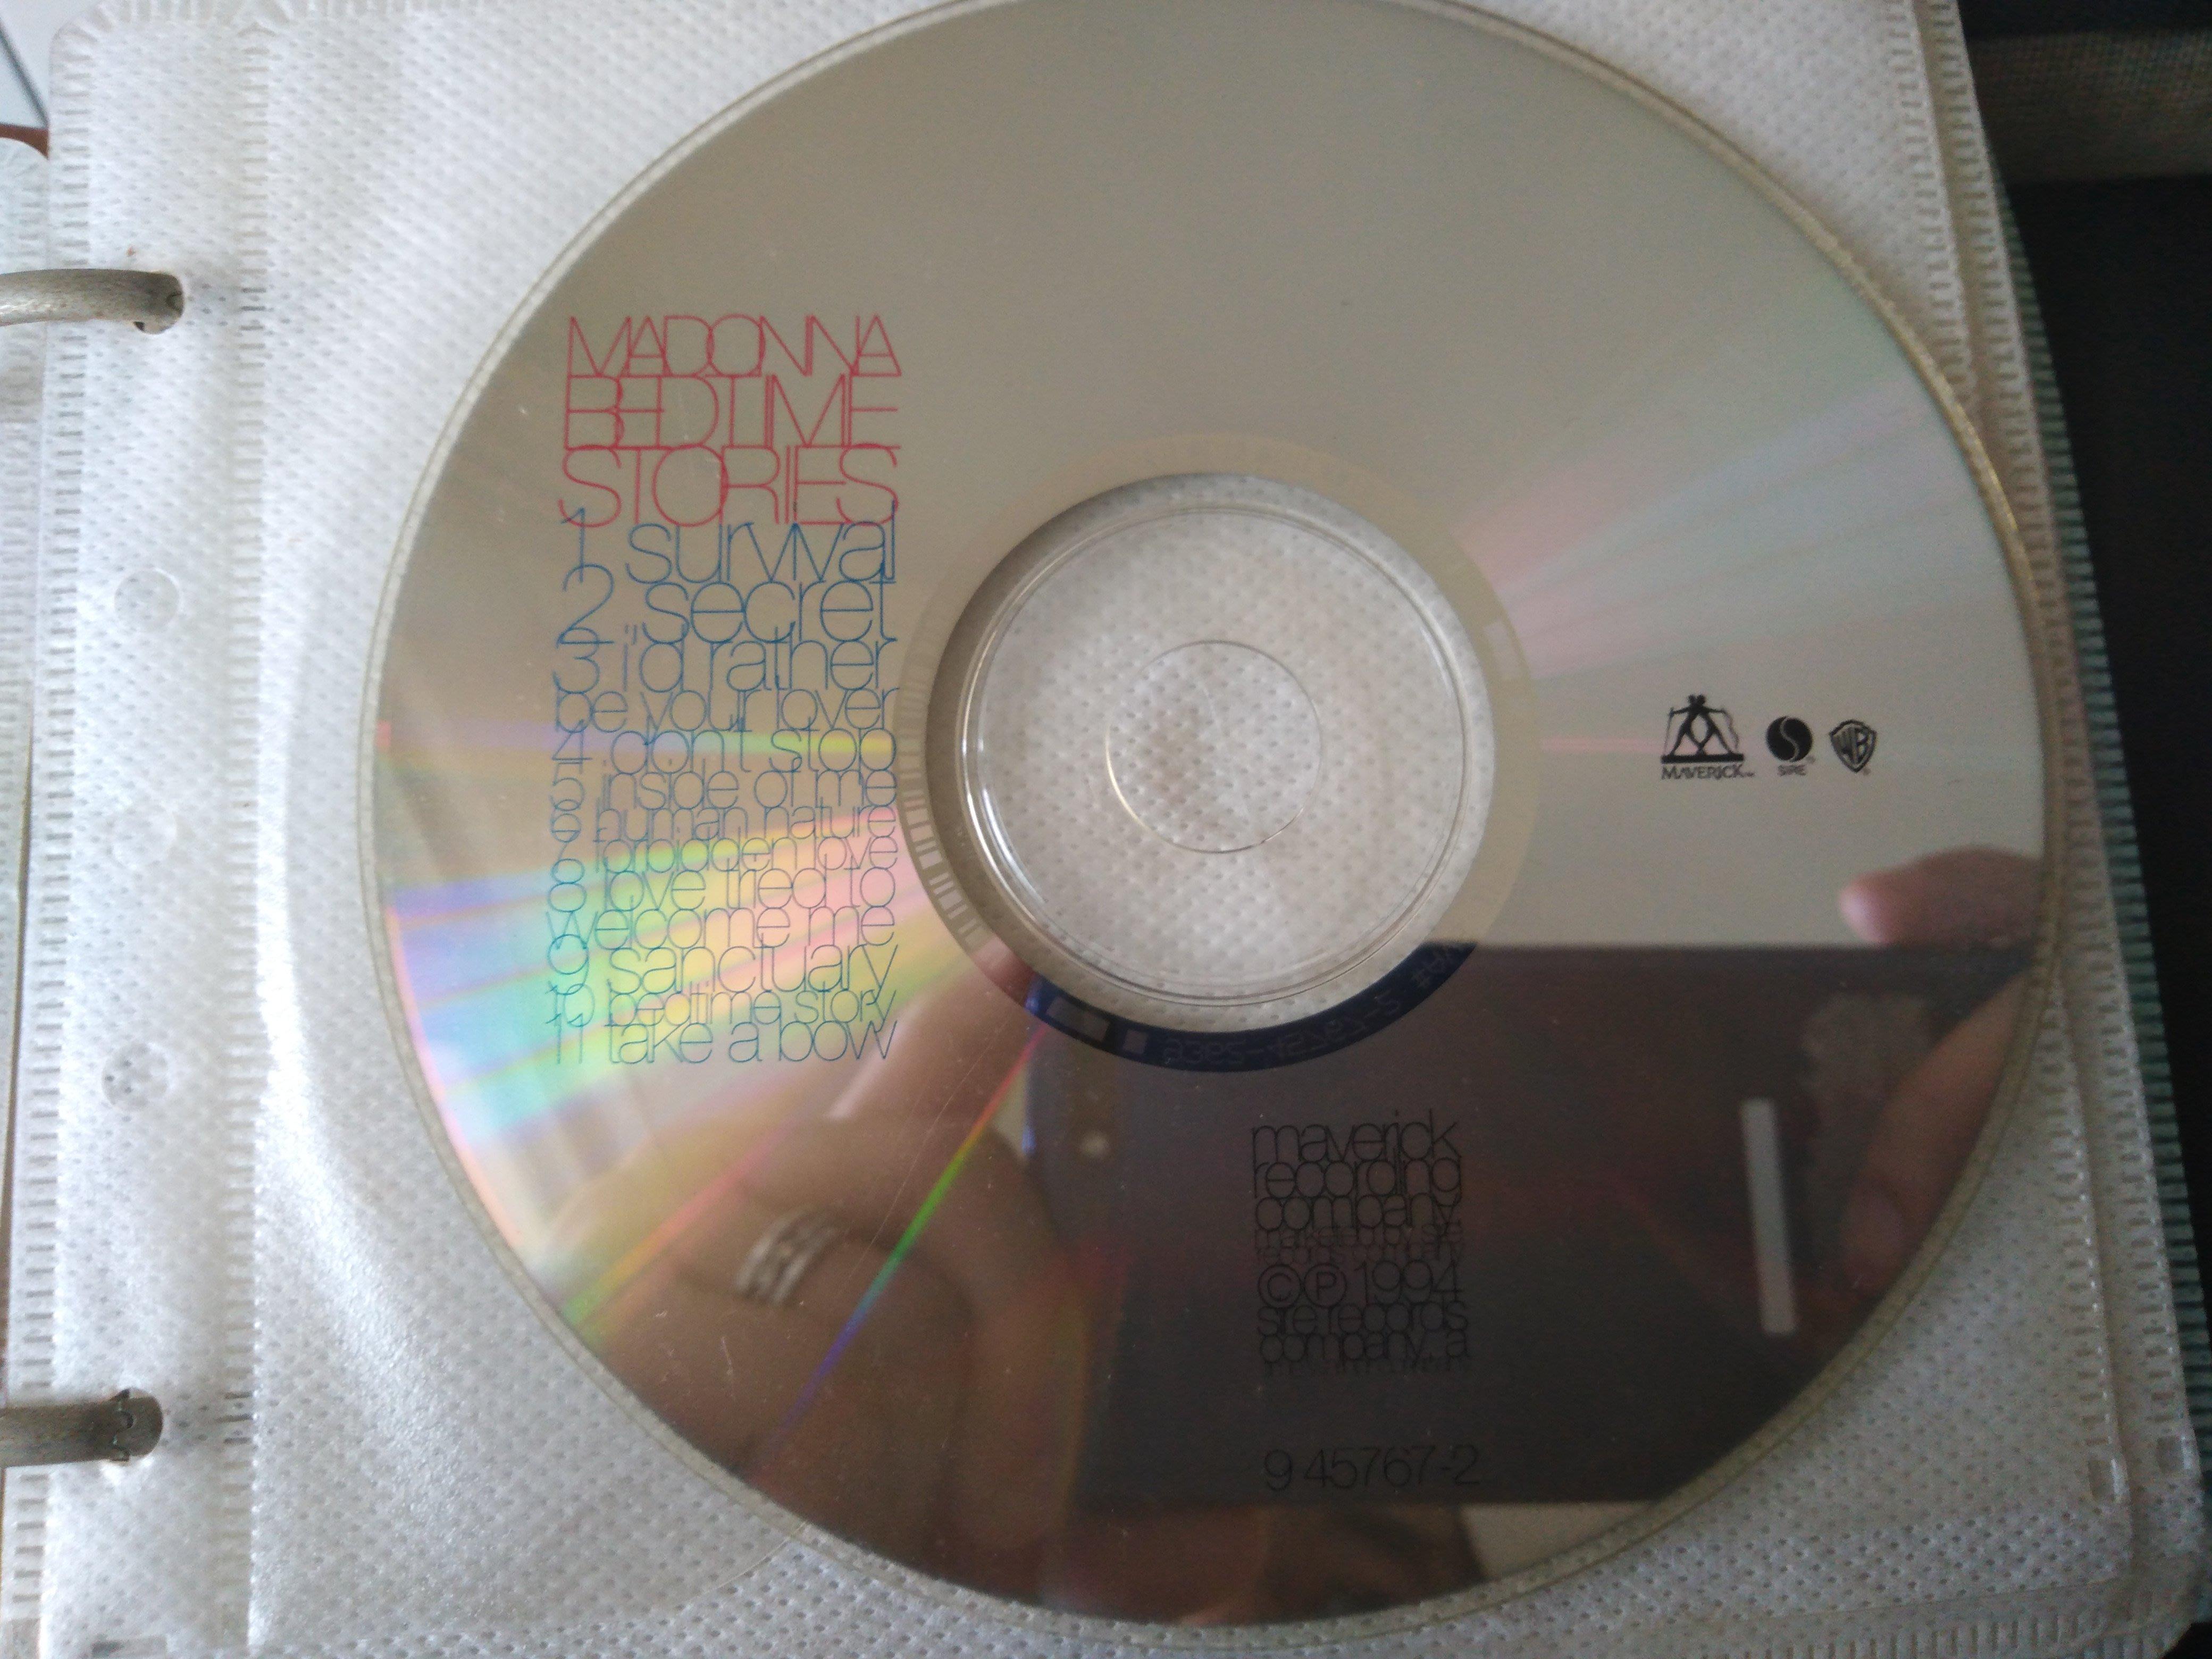 二手CD裸片 ~瑪丹娜Madonna (枕邊故事Bedtime stories ) CD 有細紋不影響音質